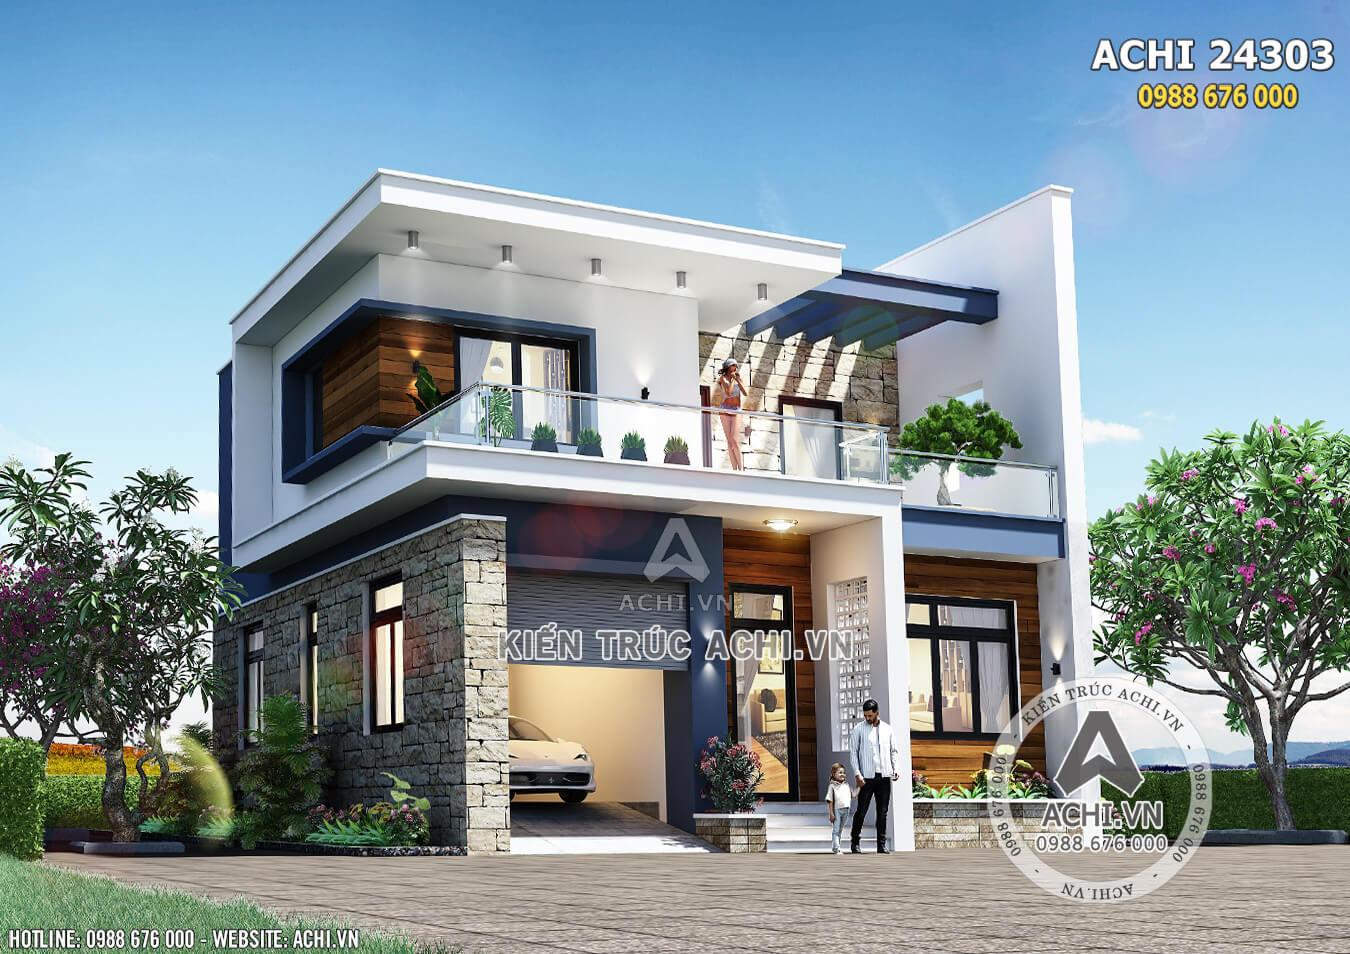 Một góc view đẹp mẫu nhà 2 tầng đơn giản hiện đại 600 triệu đồng - Mã số: ACHI 24303